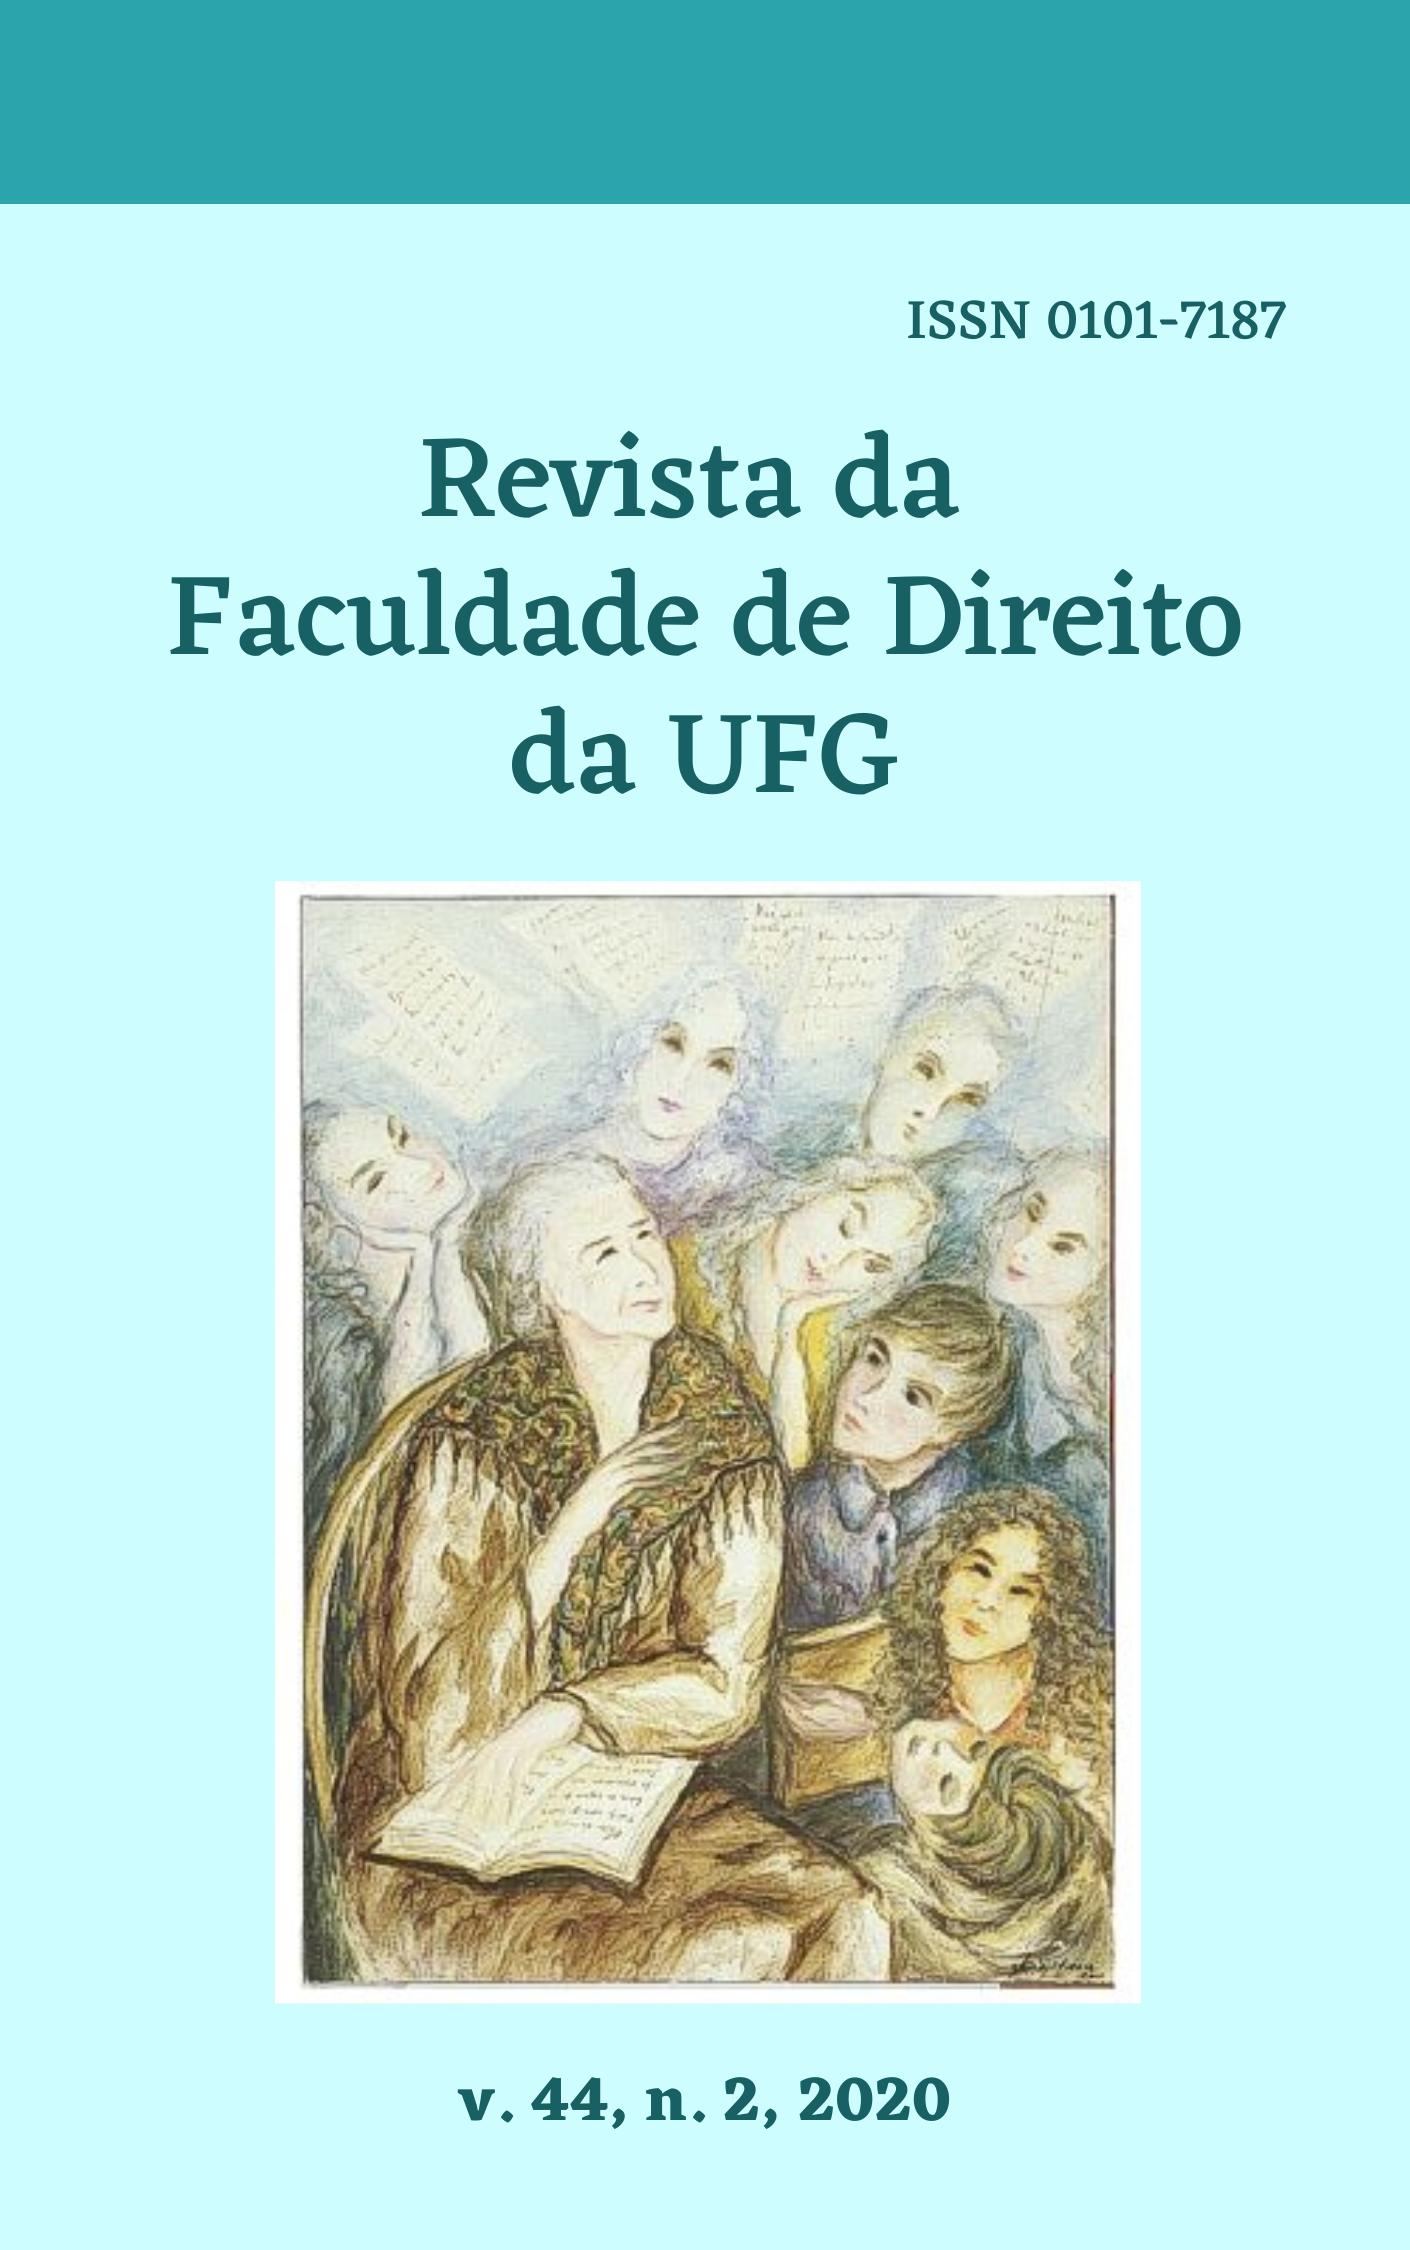 Visualizar v. 44 n. 2 (2020): REVISTA DA FACULDADE DE DIREITO DA UFG